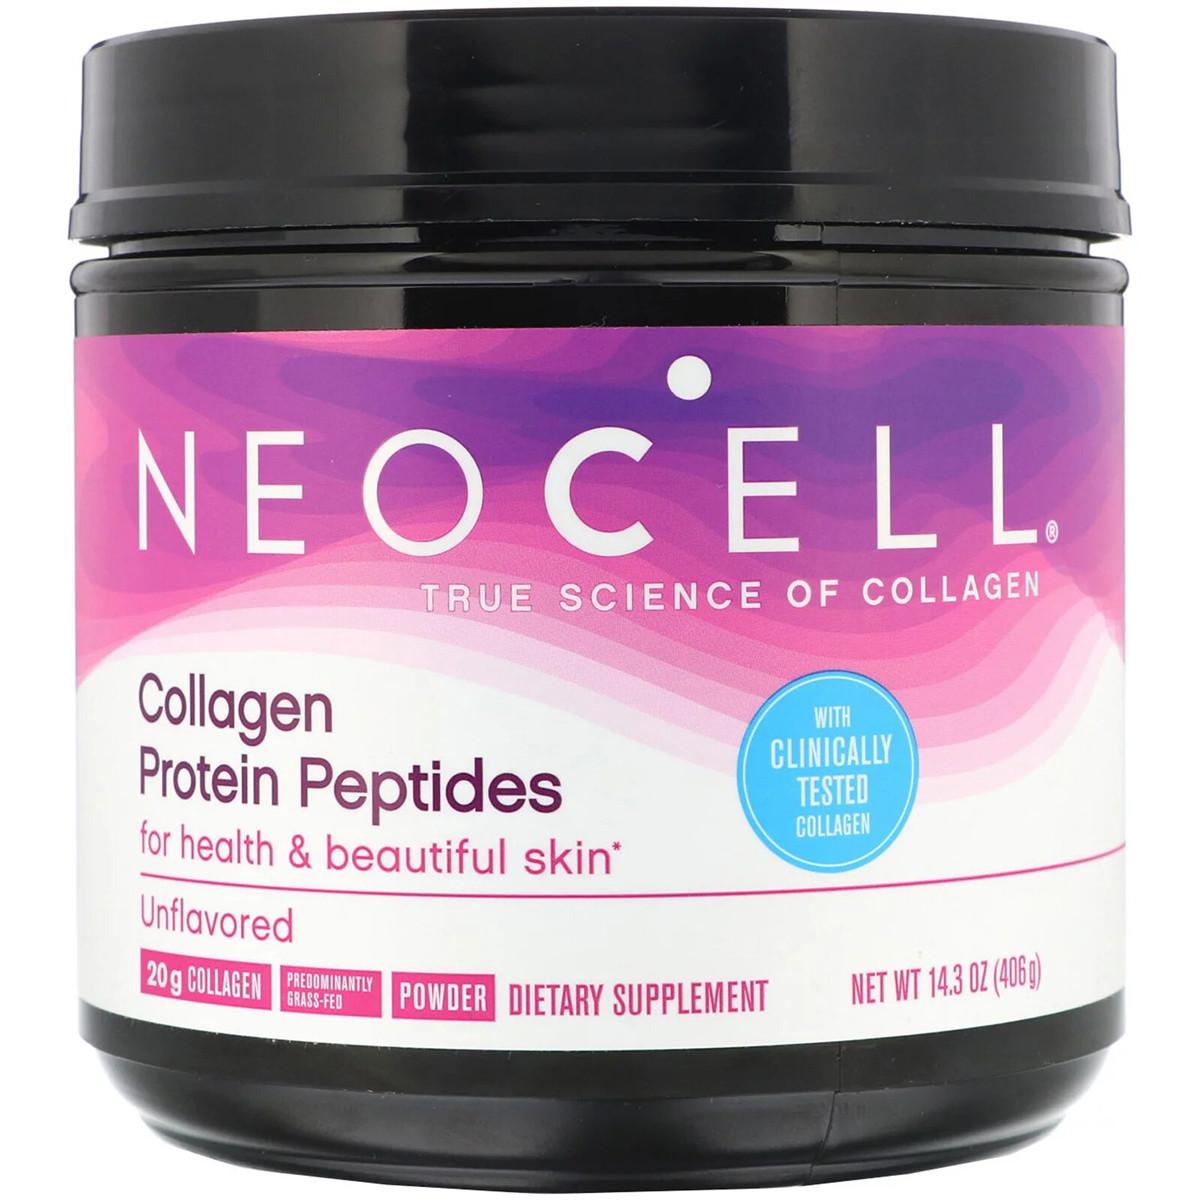 Пептиды из коллагенового белка, Без Вкуса, Neocell, Collagen Protein Peptide, порошок 406 г